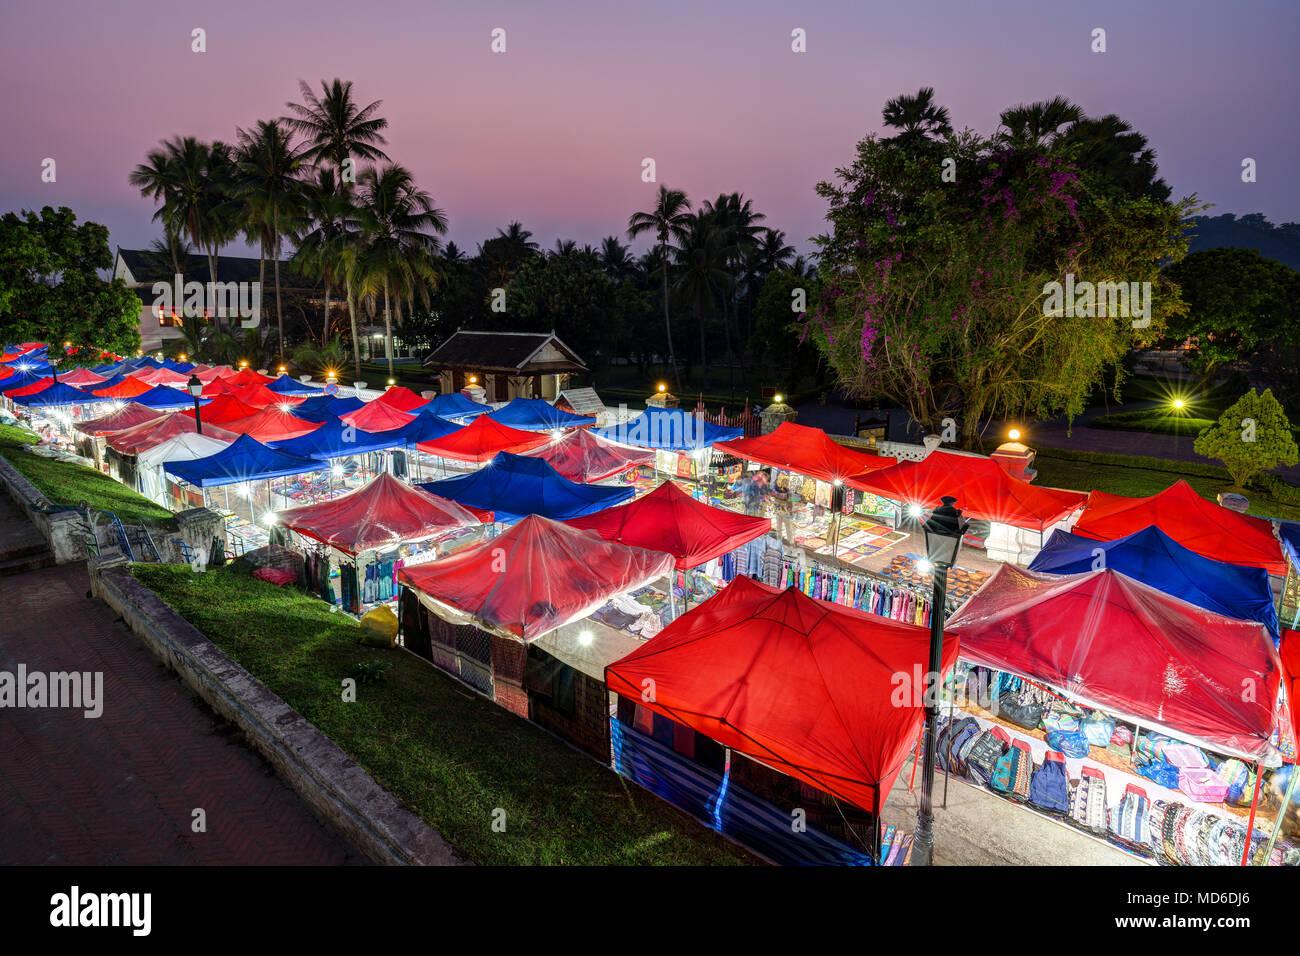 Muchos iluminados puestos de mercado en el mercado de la noche en Luang Prabang, Laos, vistos desde arriba al anochecer. Imagen De Stock